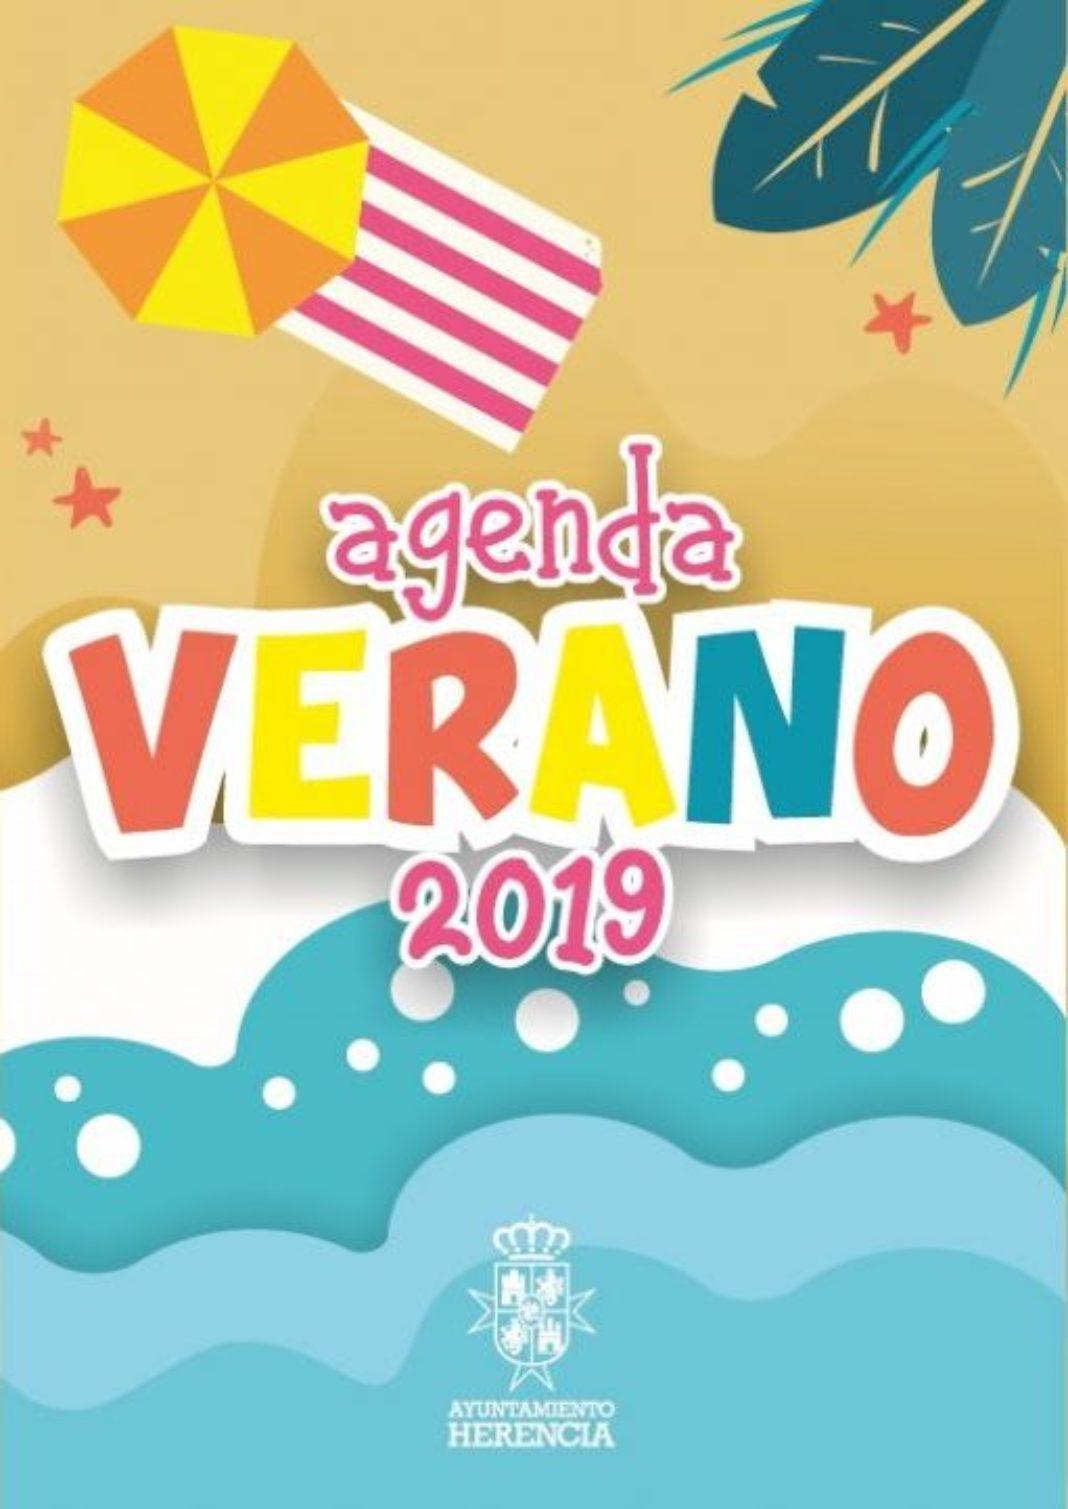 Más de treinta citas culturales de acceso libre para disfrutar del verano en Herencia 10